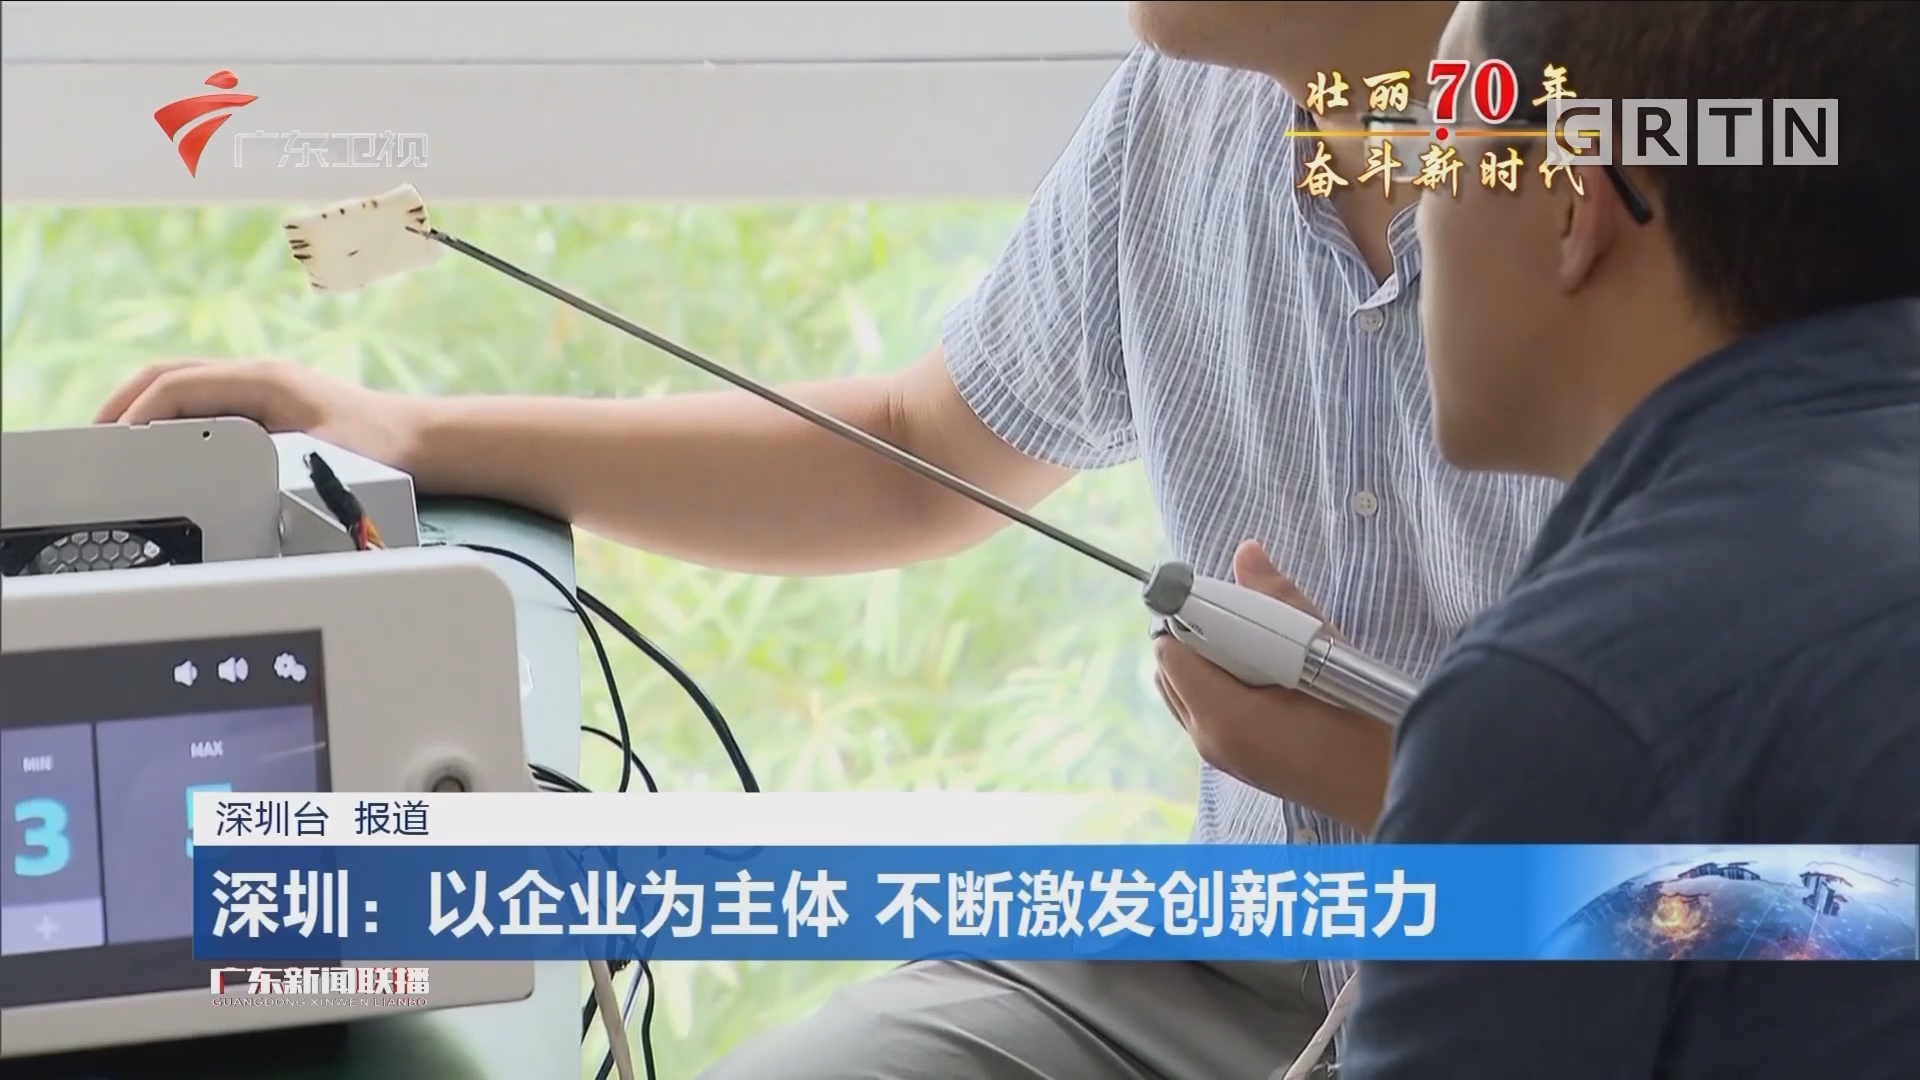 深圳:以企业为主体 不断激发创新活力